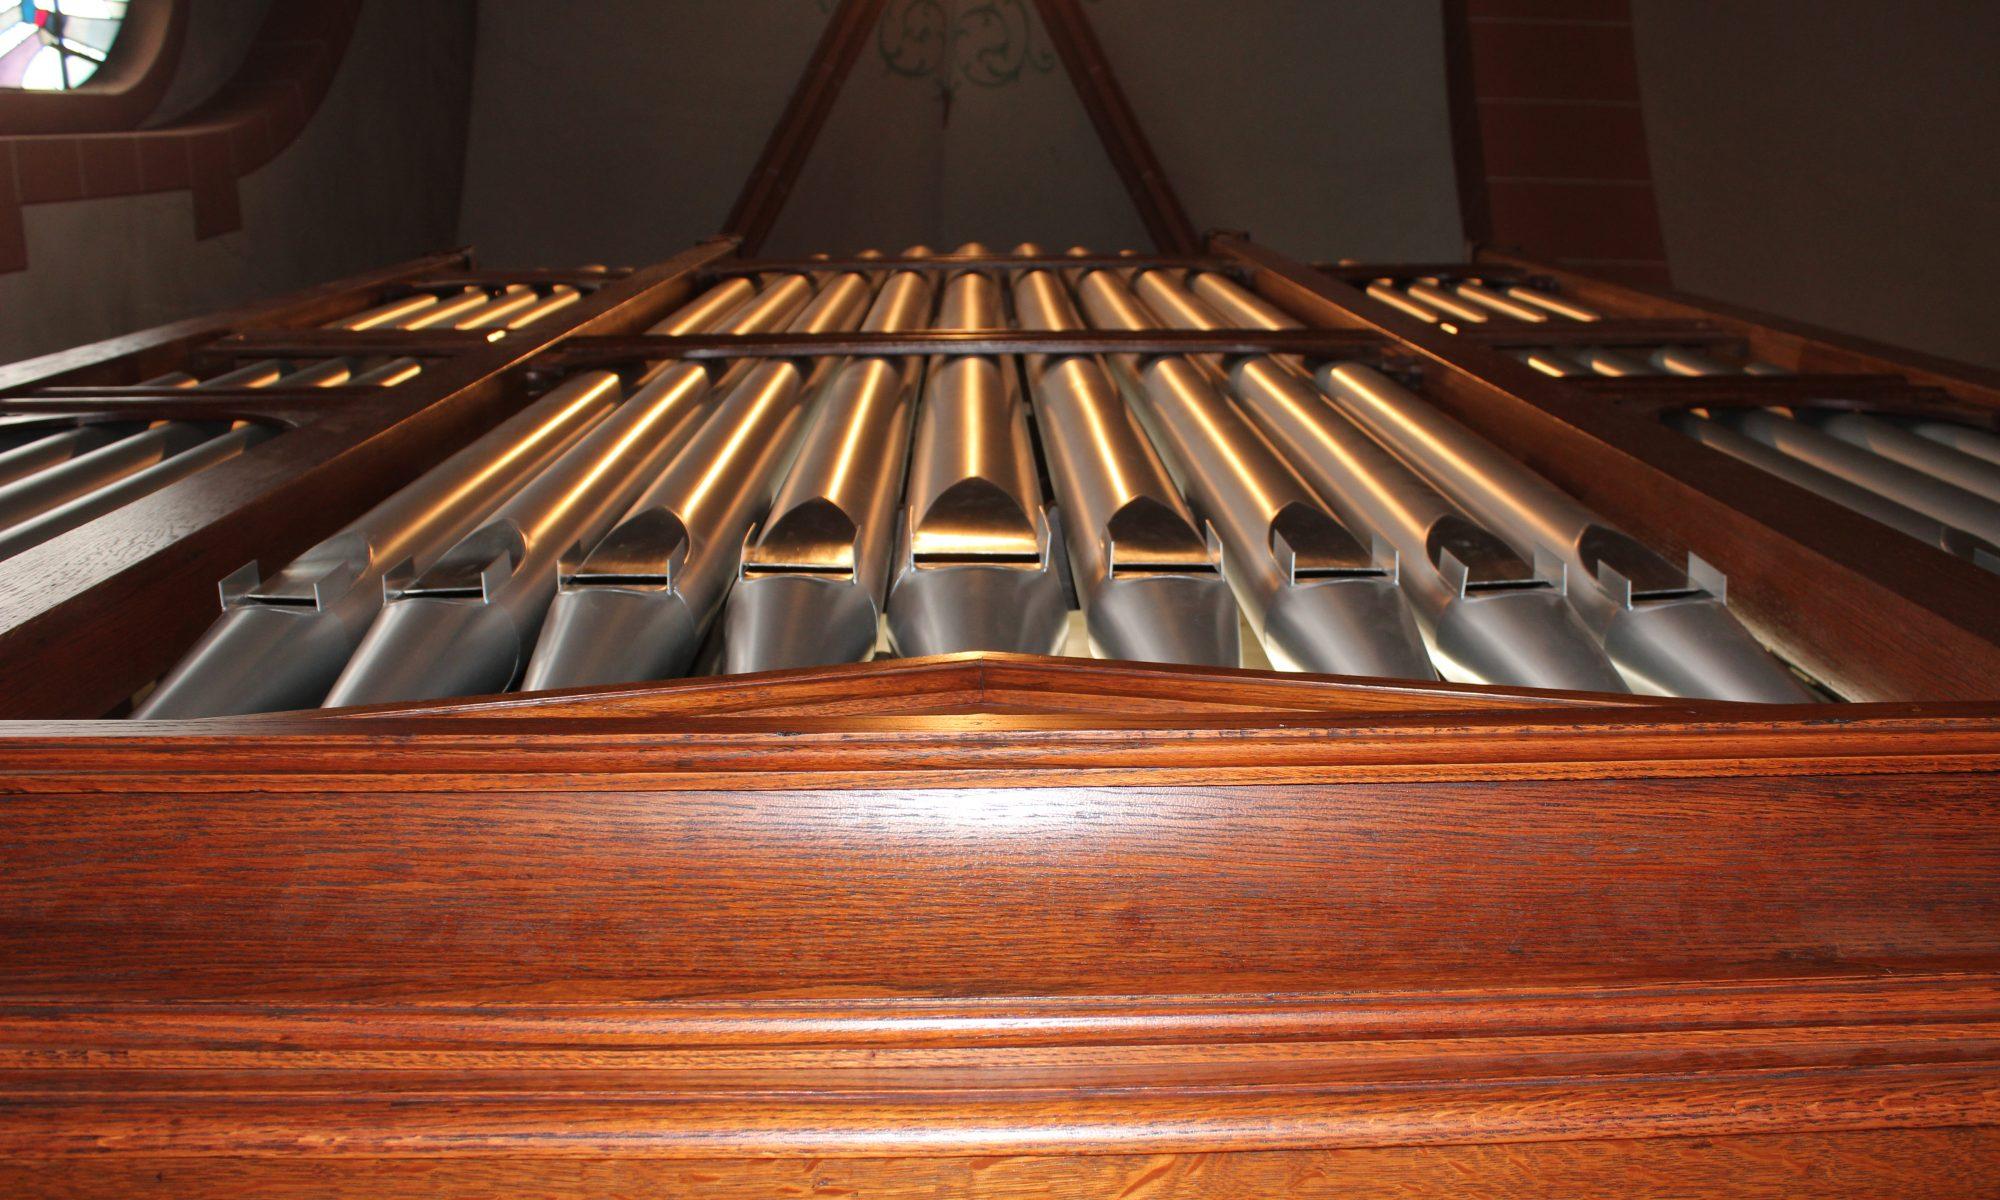 Nelson-Orgelpfeifen nach oben